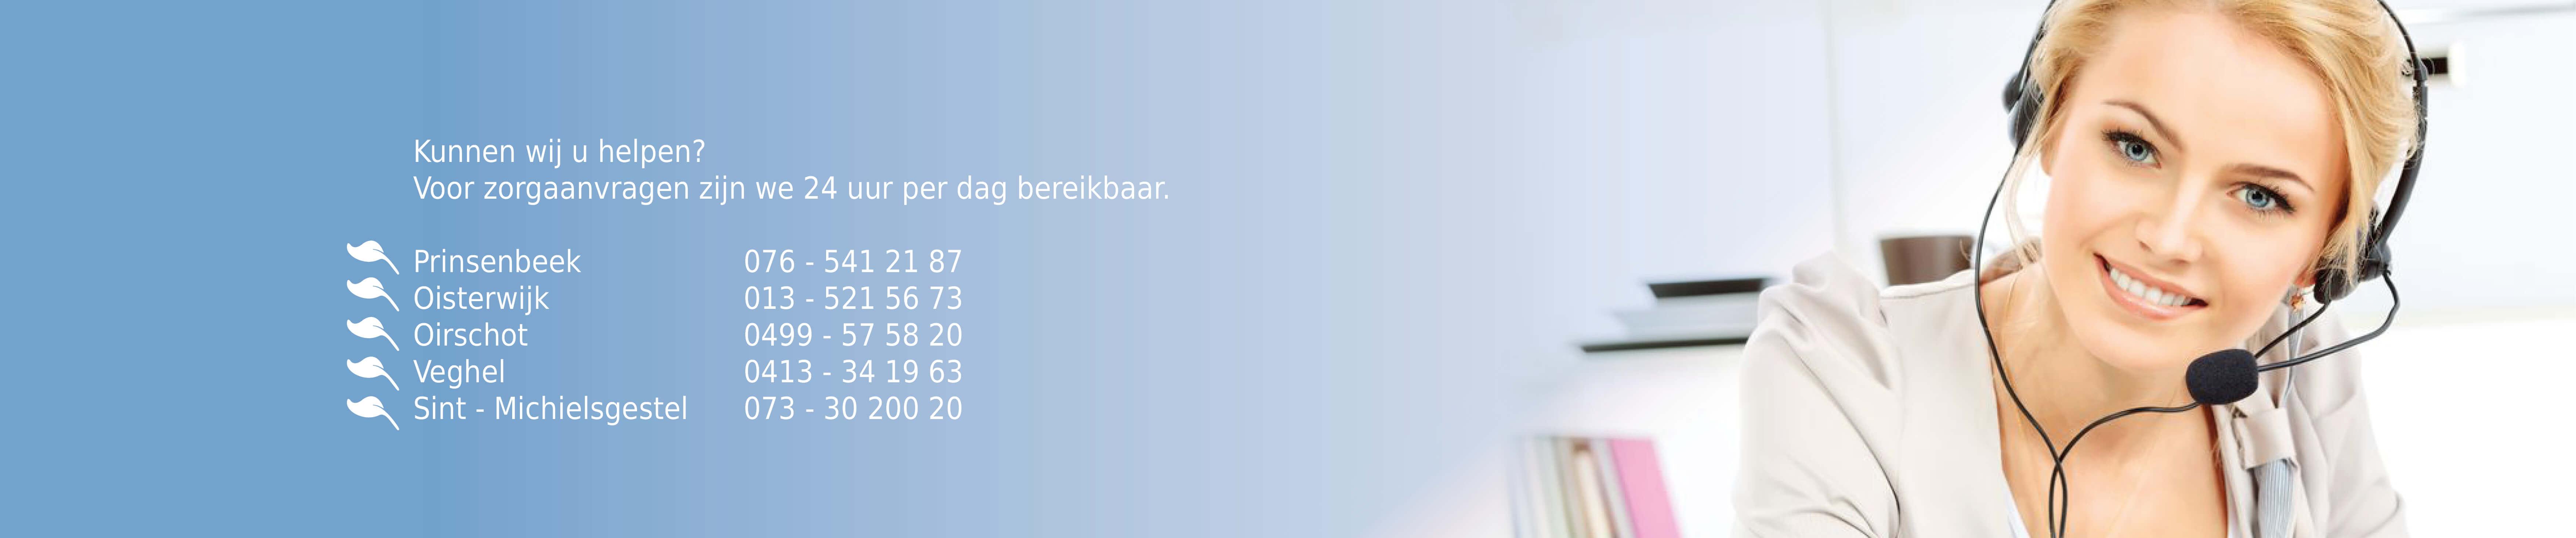 Telefoonnummers Zorgservice Brabant